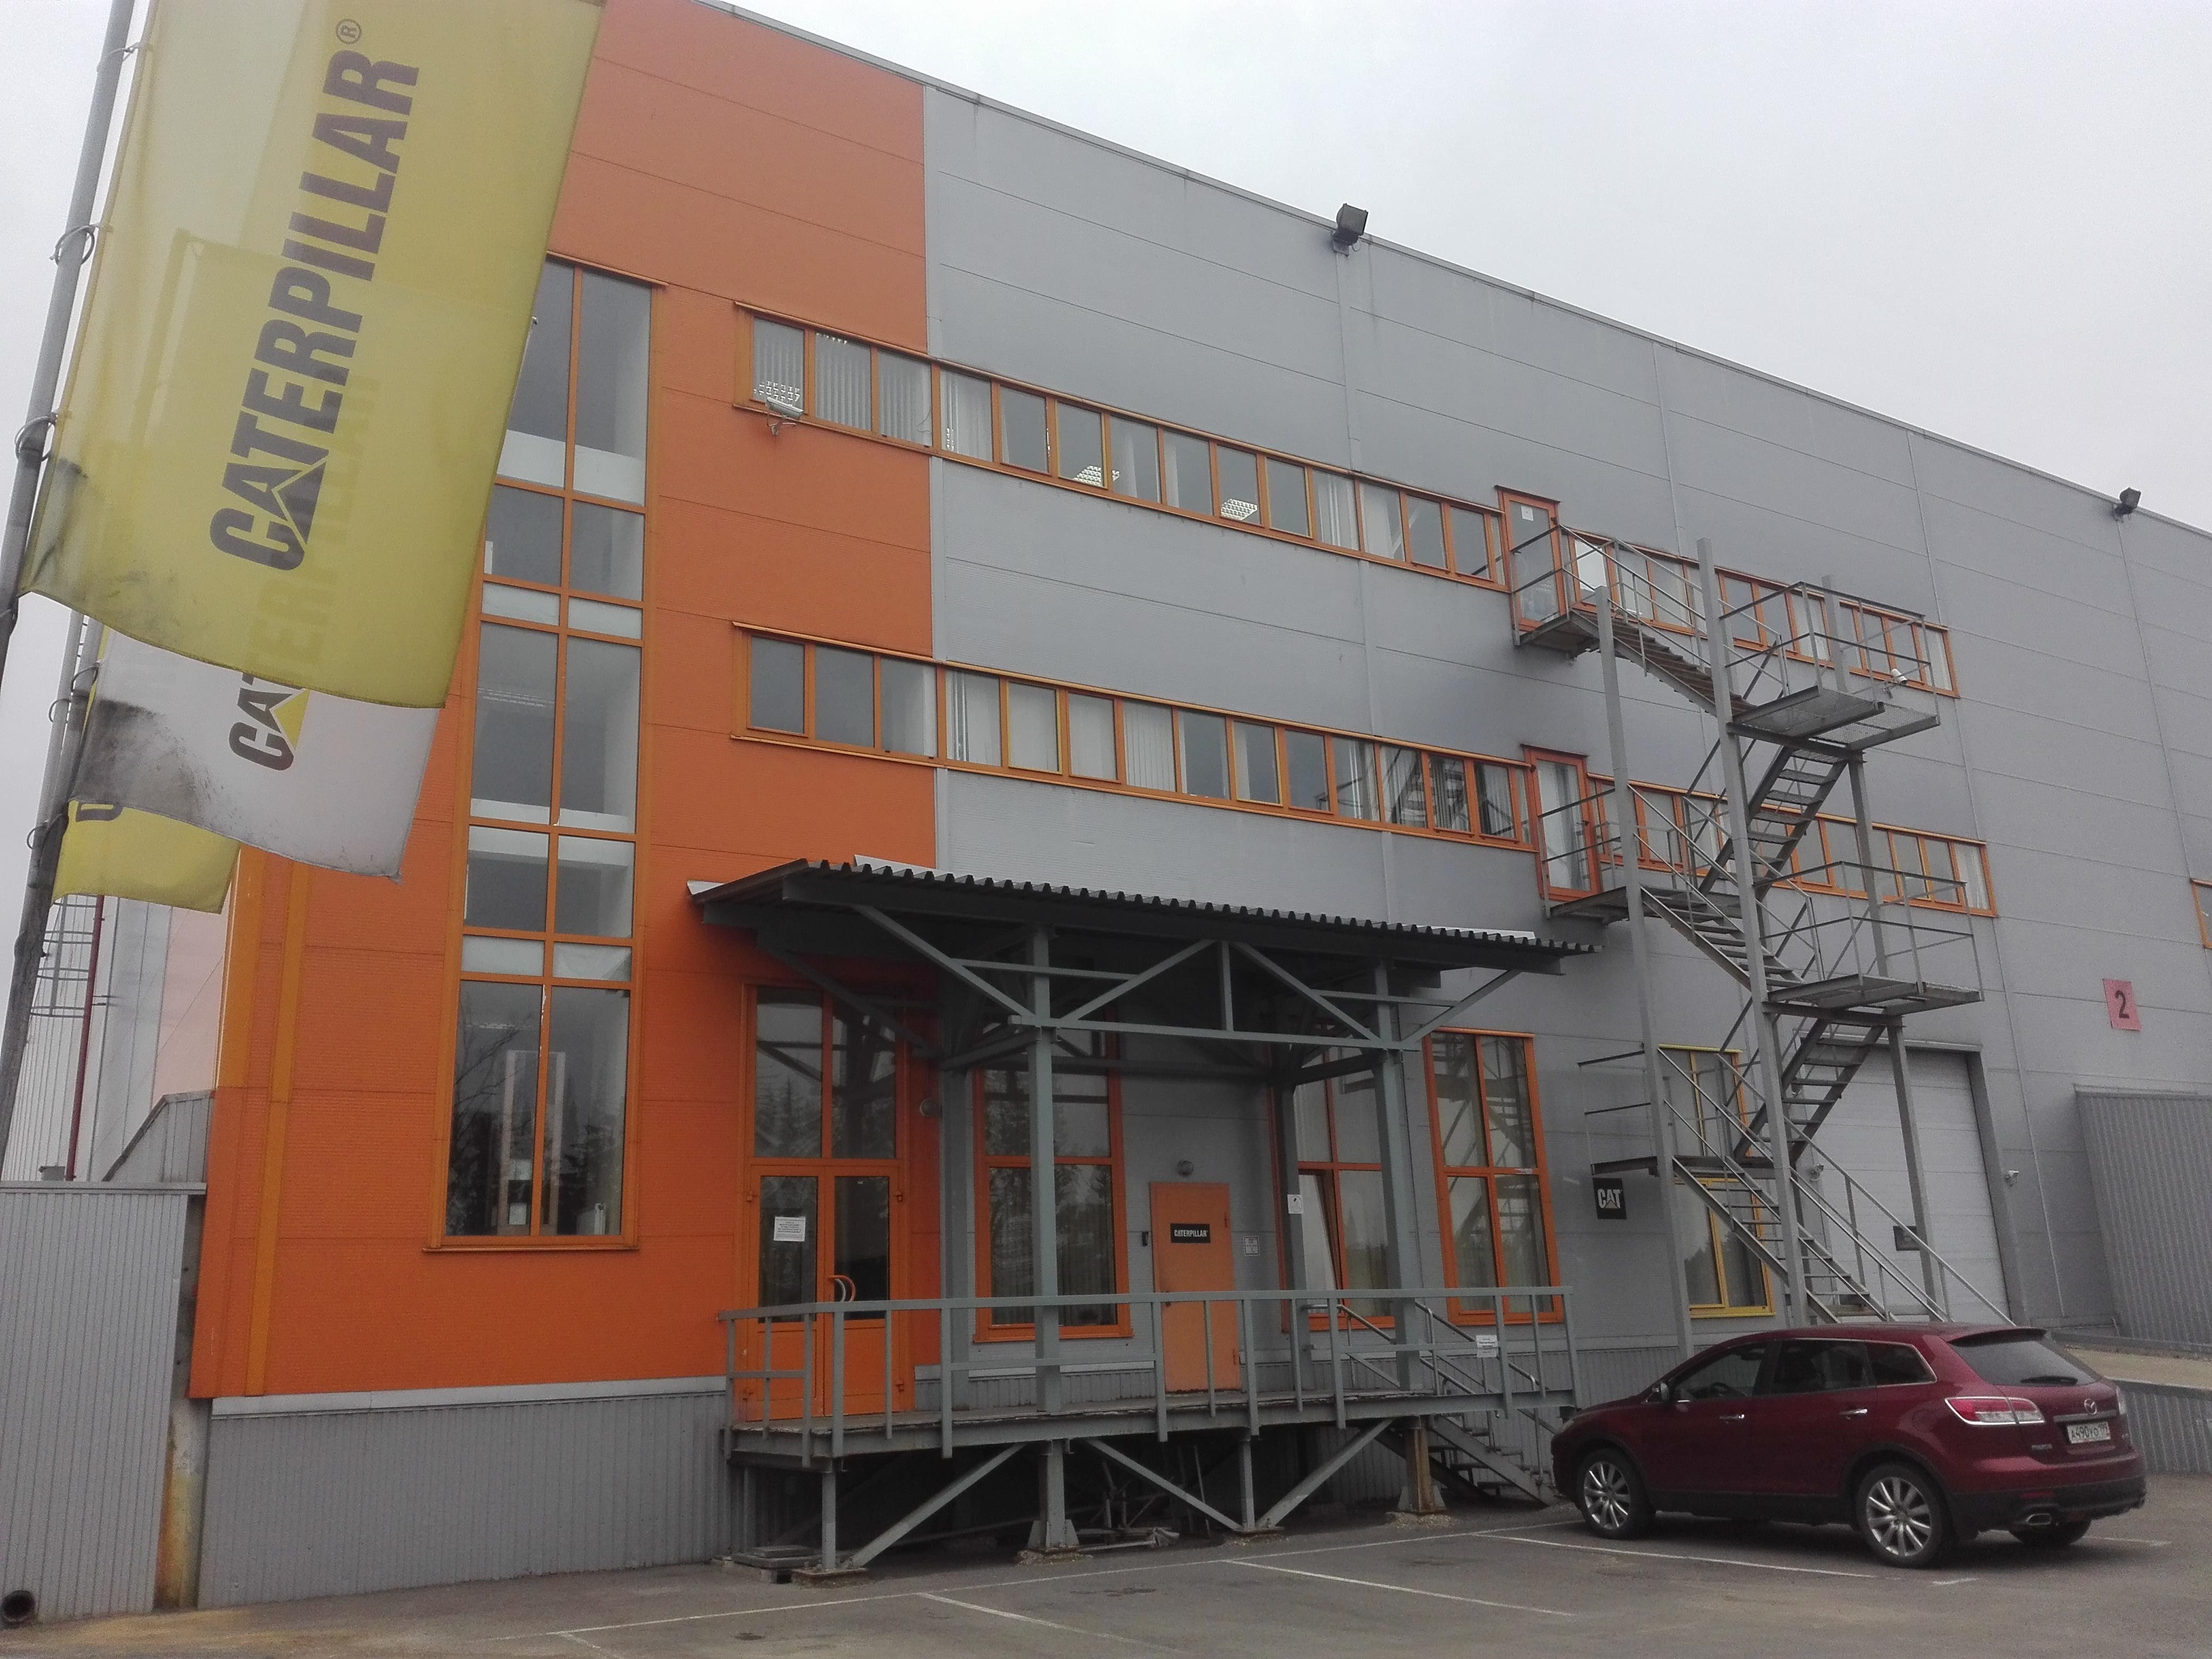 4c10ca8b0 Катерпиллар - складские услуги, деревня Чёрная Грязь — отзывы и фото —  Яндекс.Карты